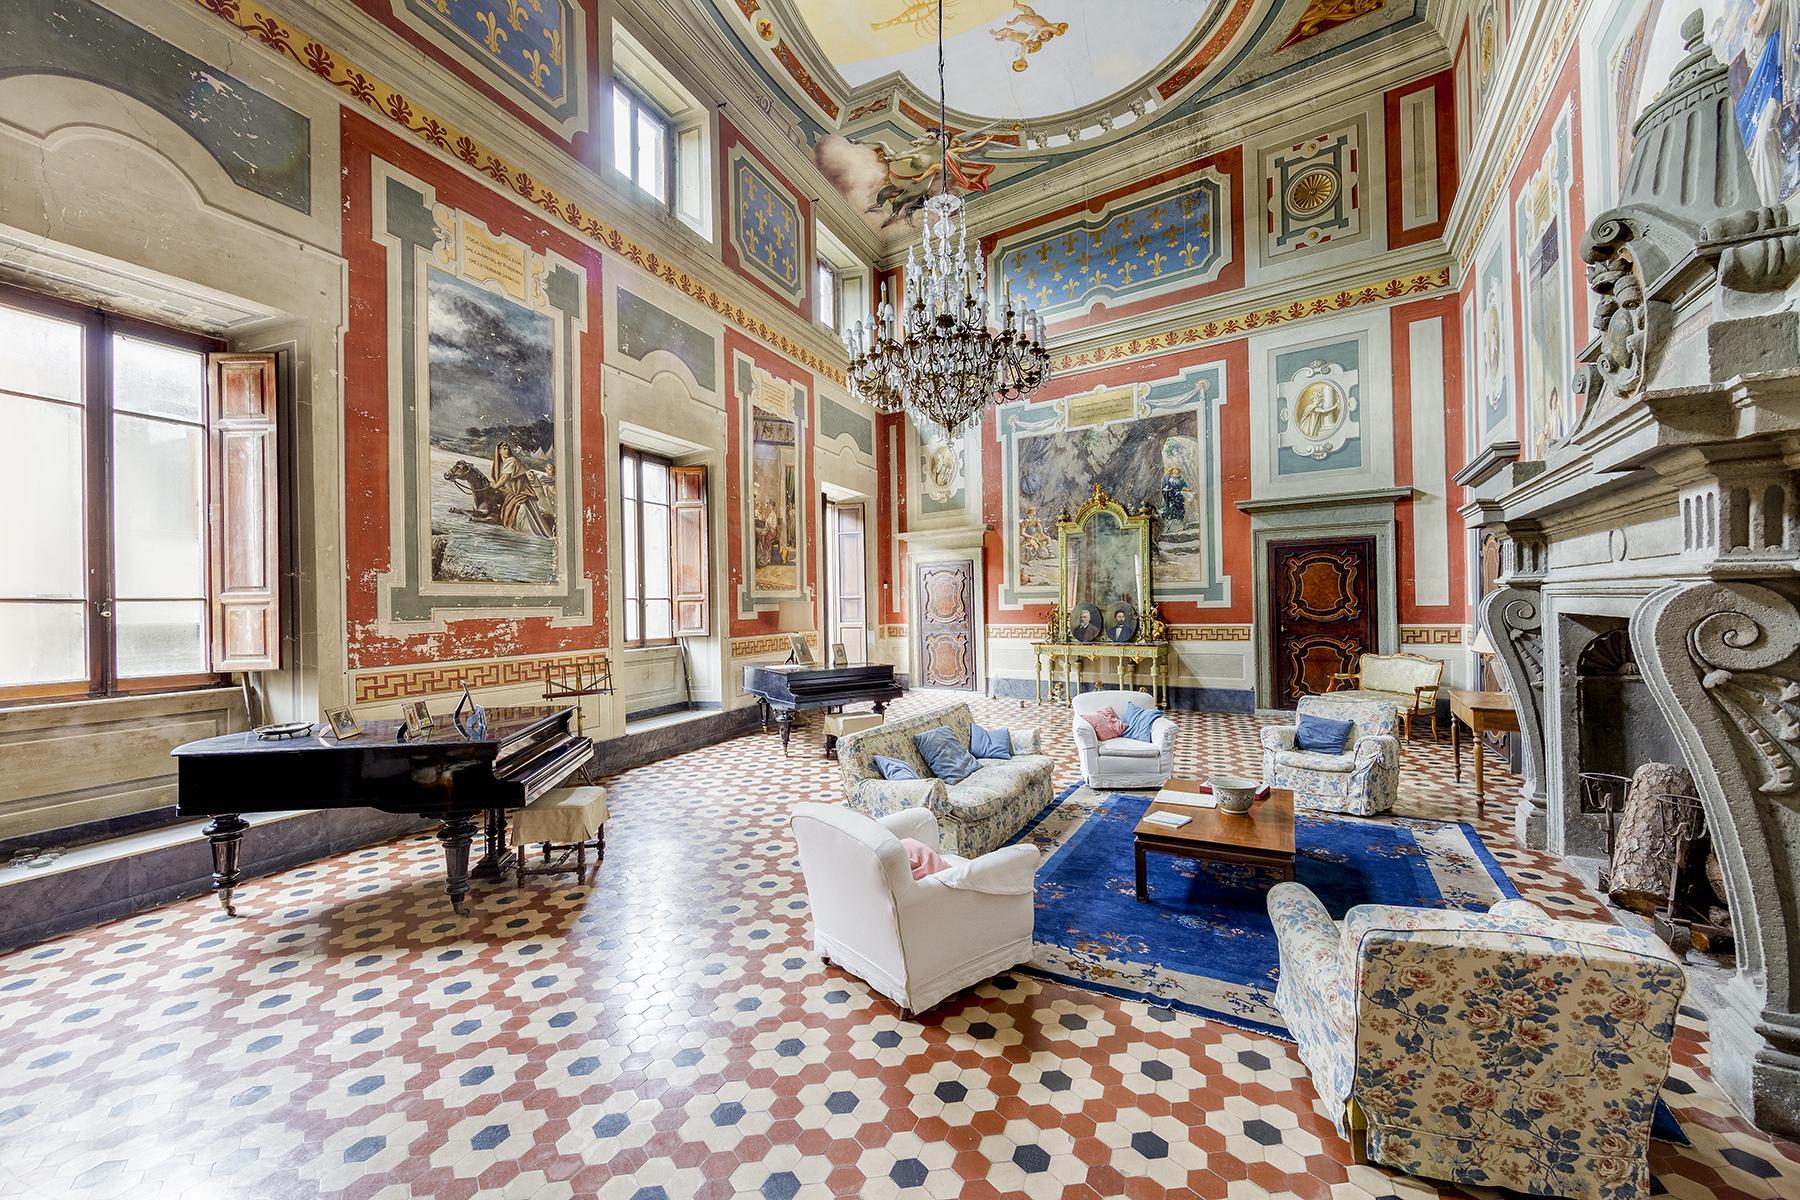 Прекрасный дворец в стиле Ренессанса - 9